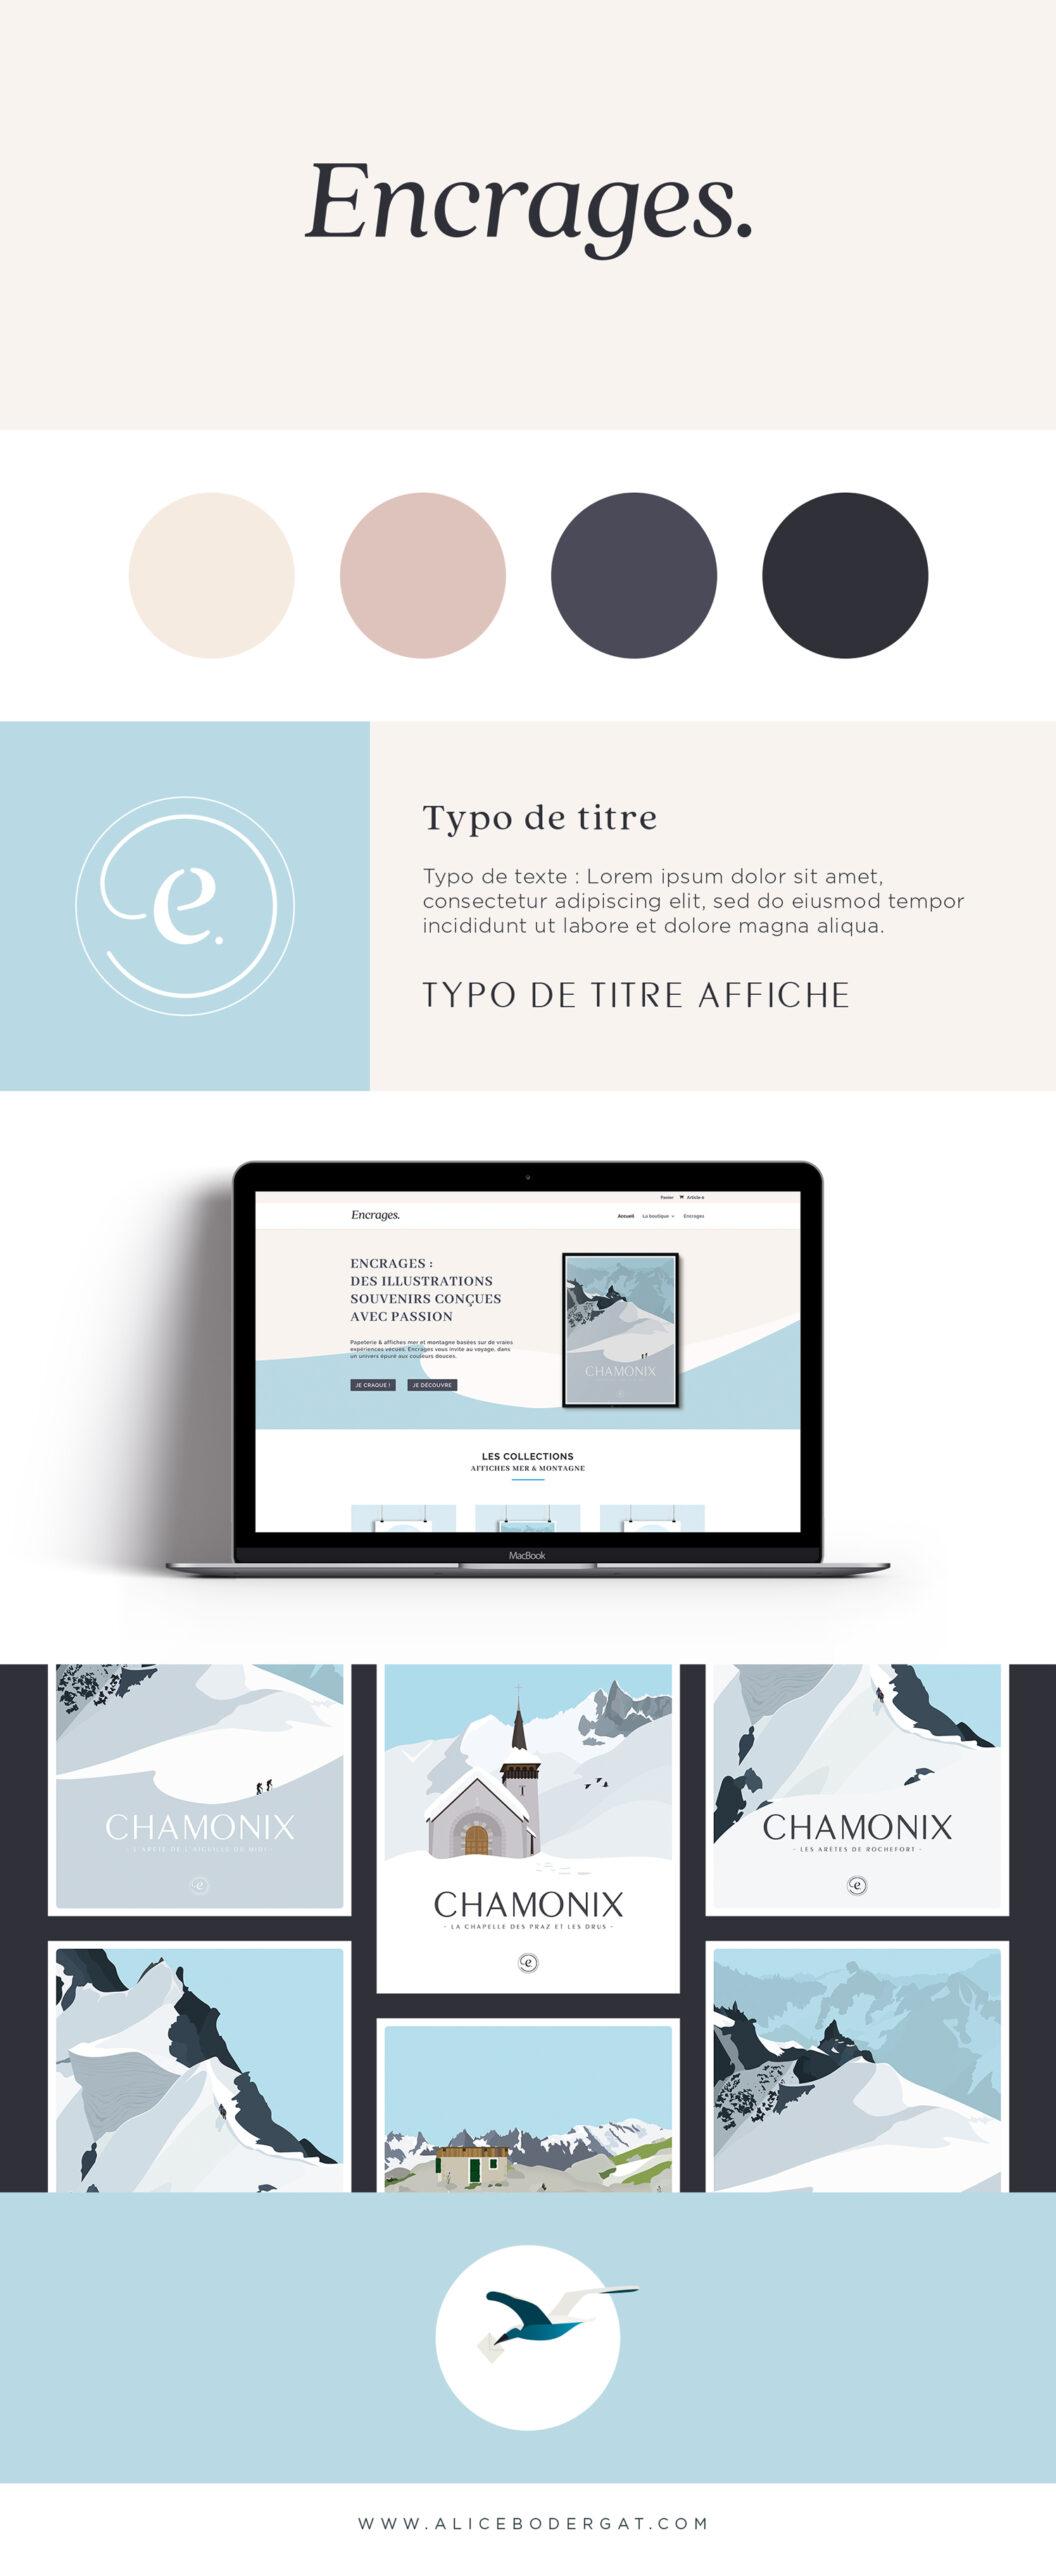 Présentation de la marque Encrages : logo, couleurs et typographie, site e-commerce, affiches voyage